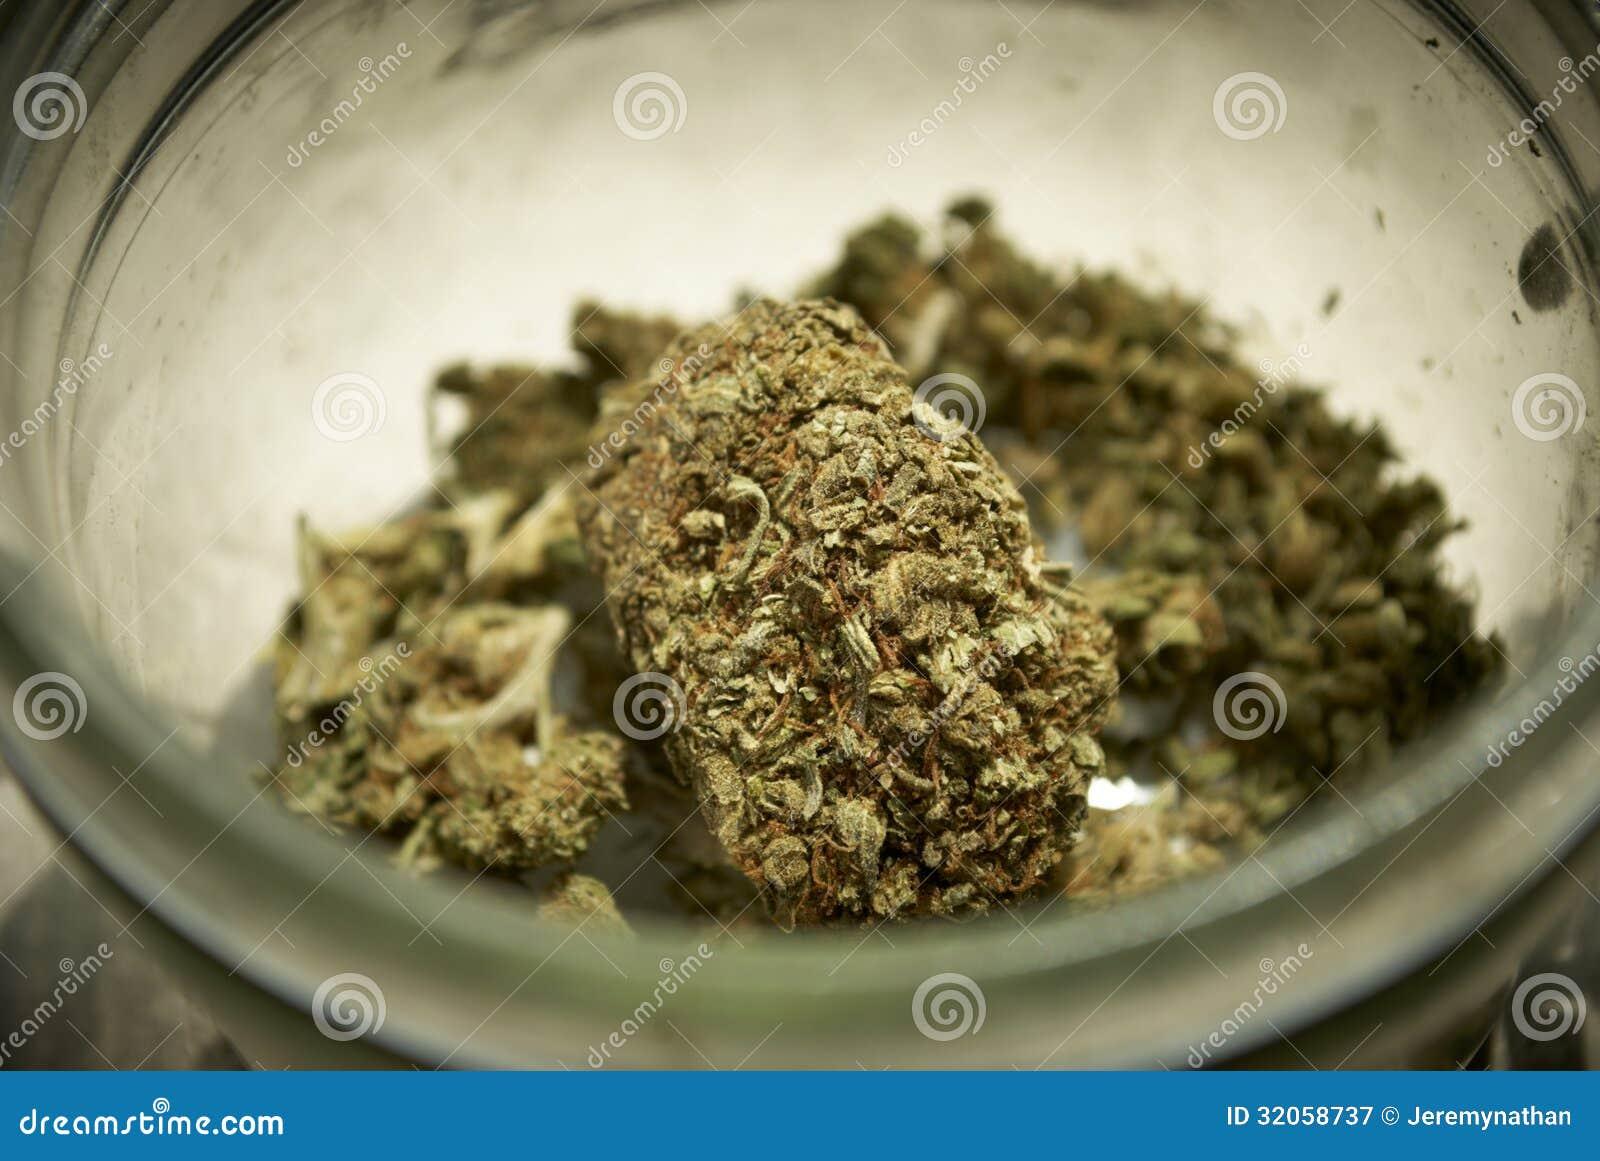 how to buy marijuanas stocks canada